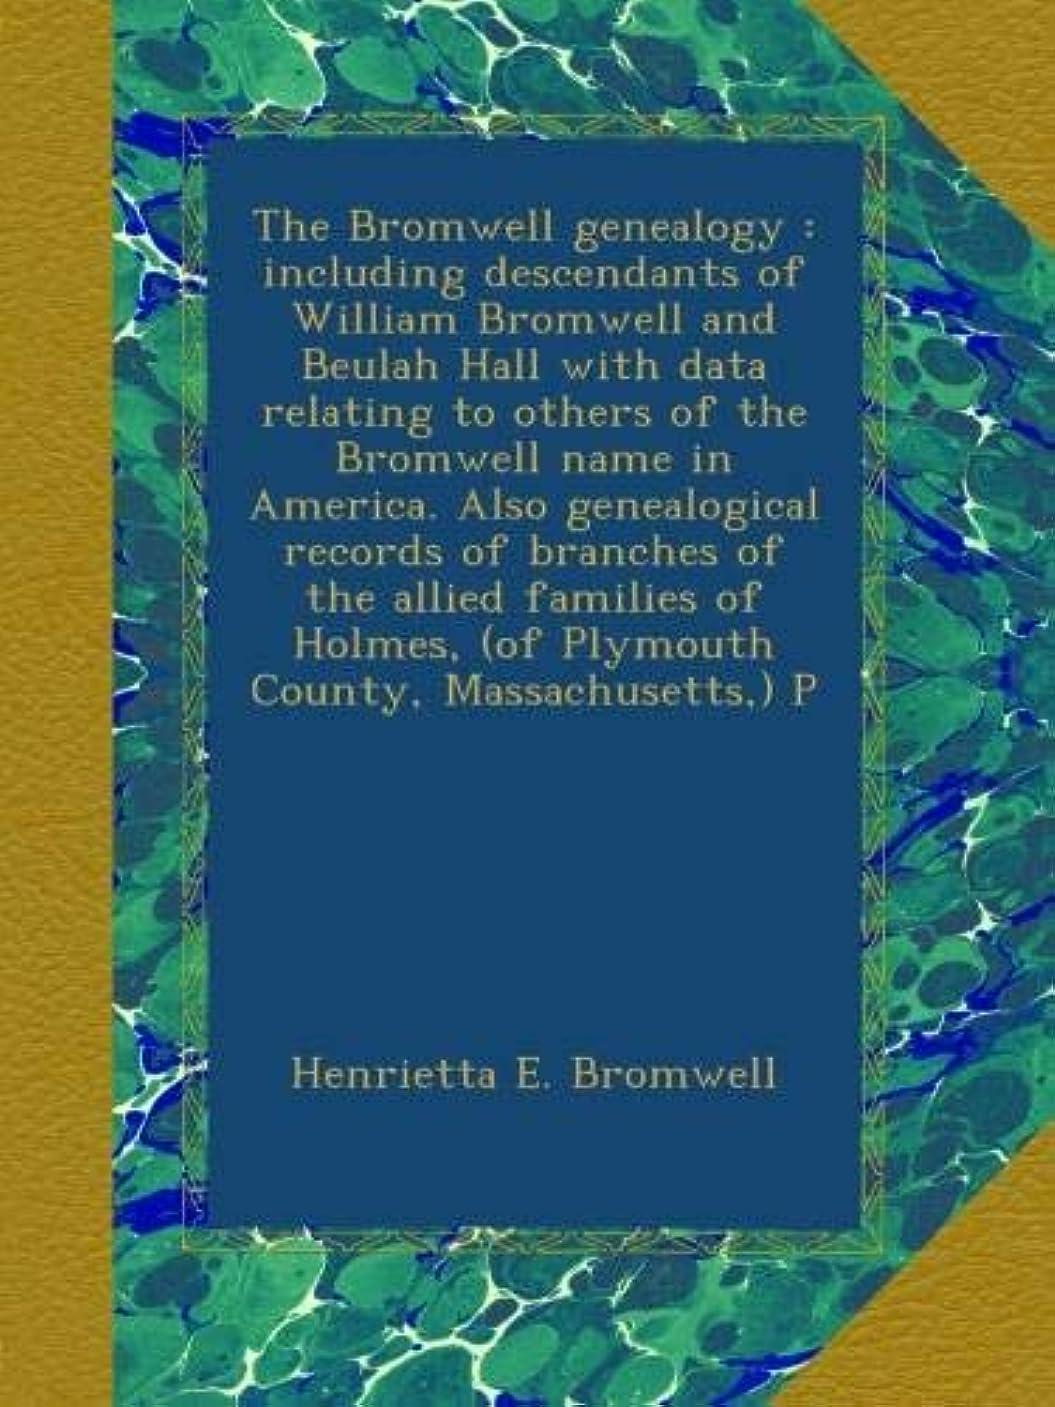 望まない中性表向きThe Bromwell genealogy : including descendants of William Bromwell and Beulah Hall with data relating to others of the Bromwell name in America. Also genealogical records of branches of the allied families of Holmes, (of Plymouth County, Massachusetts,) P